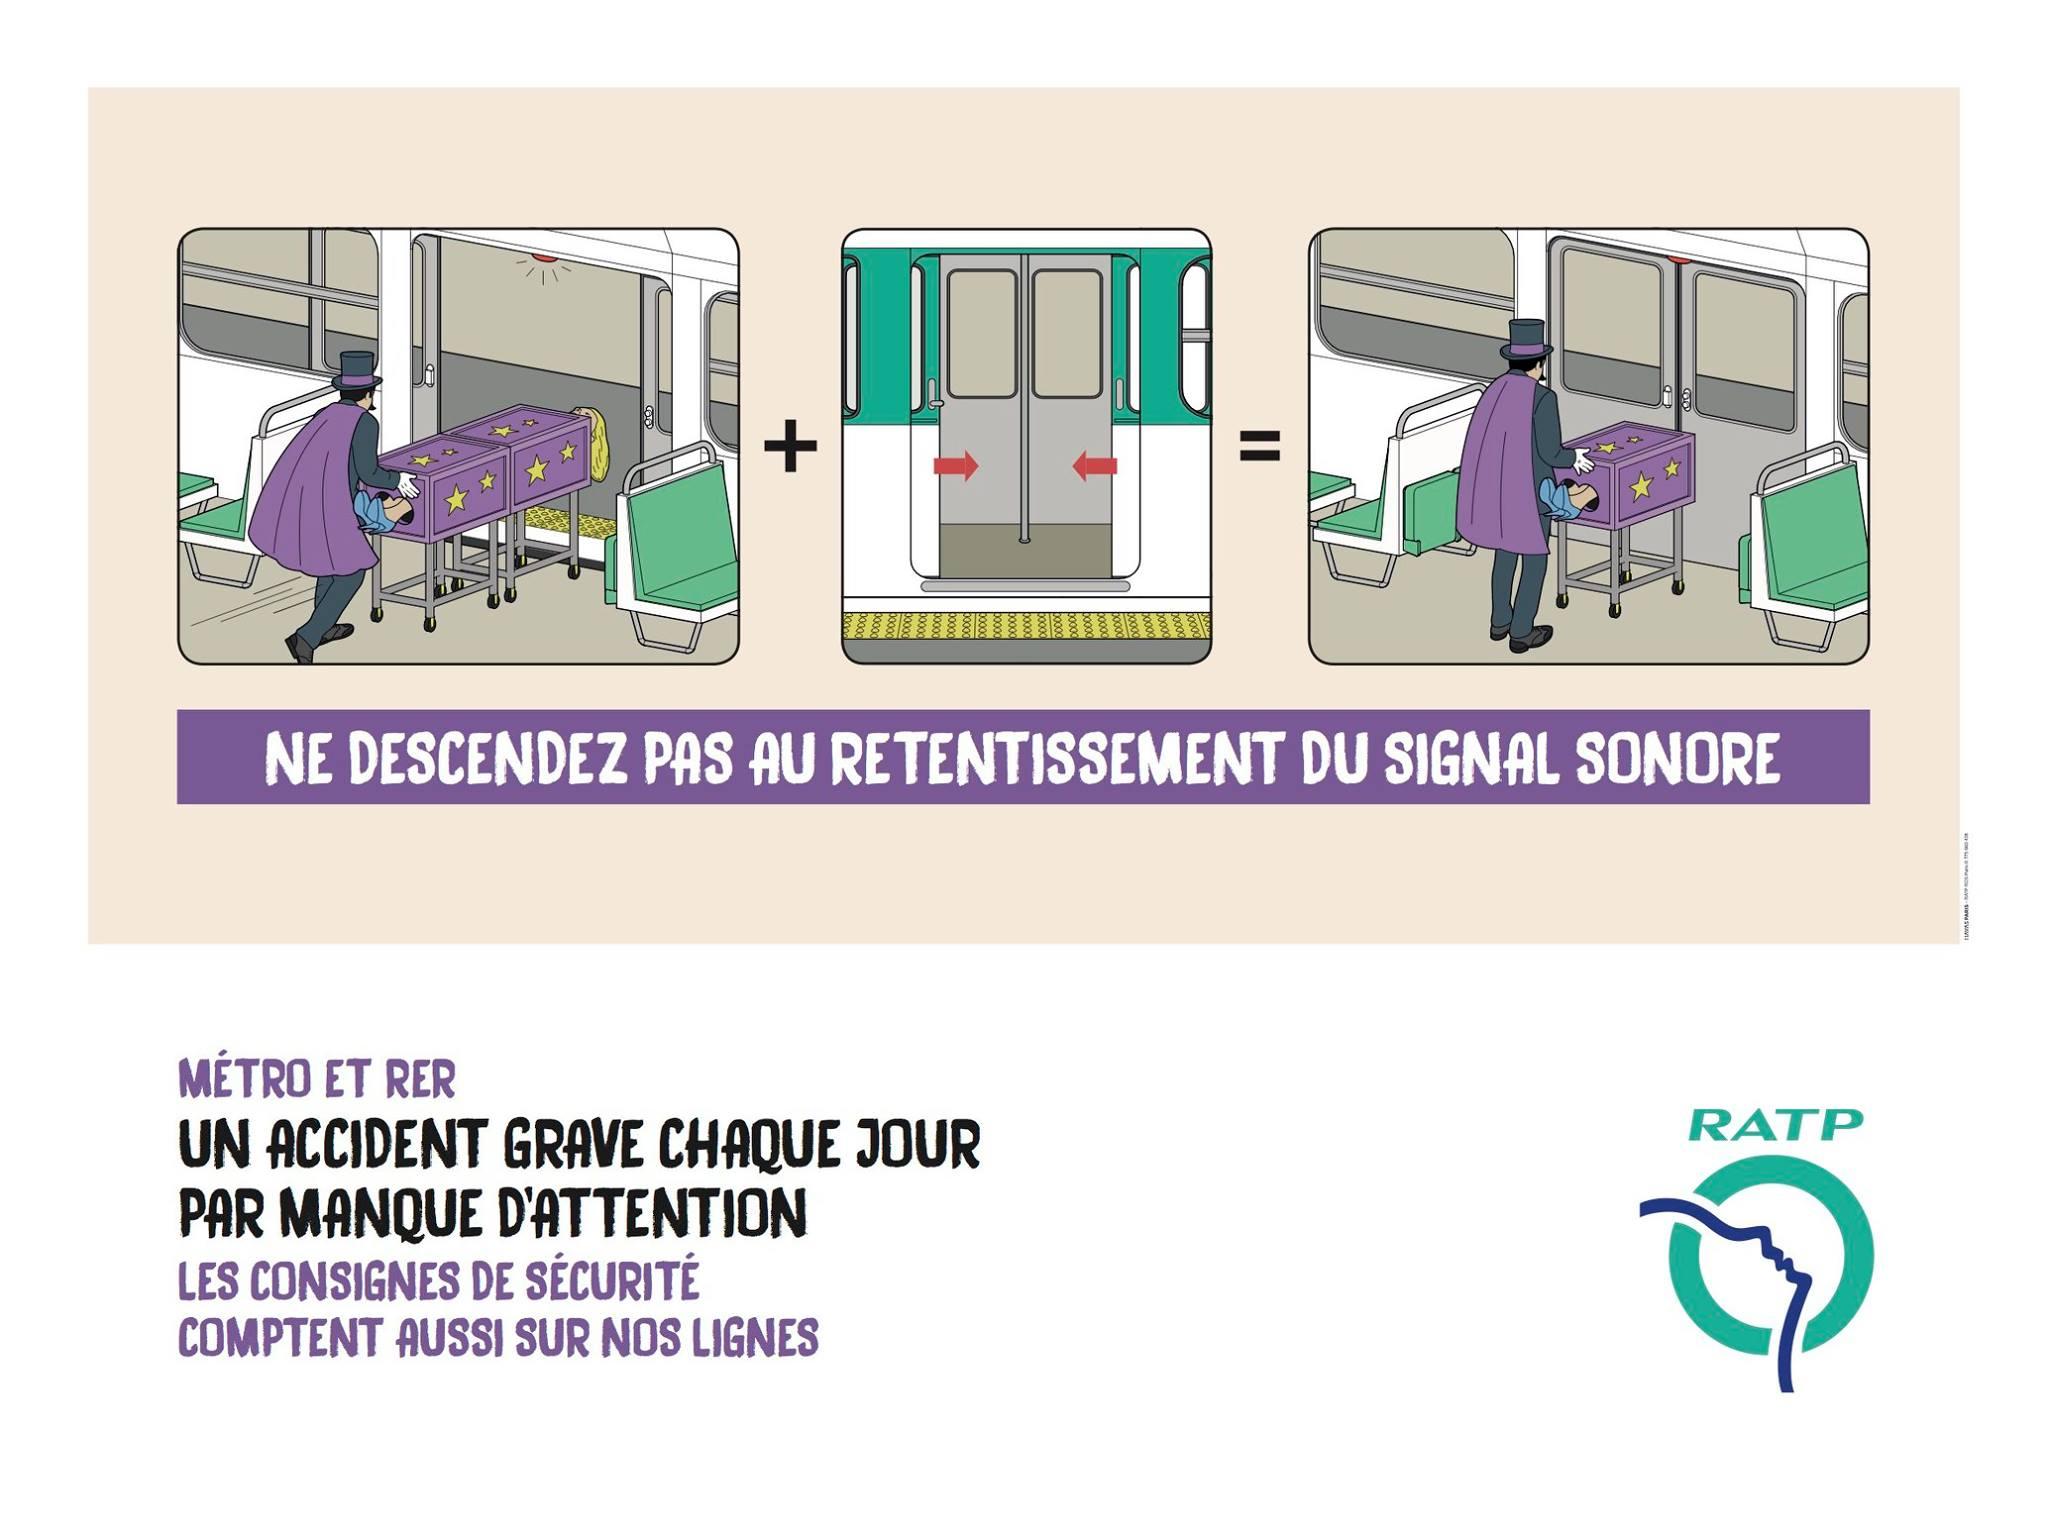 ratp-metro-consignes-securite-2016-publicite-danger-havas-paris-4